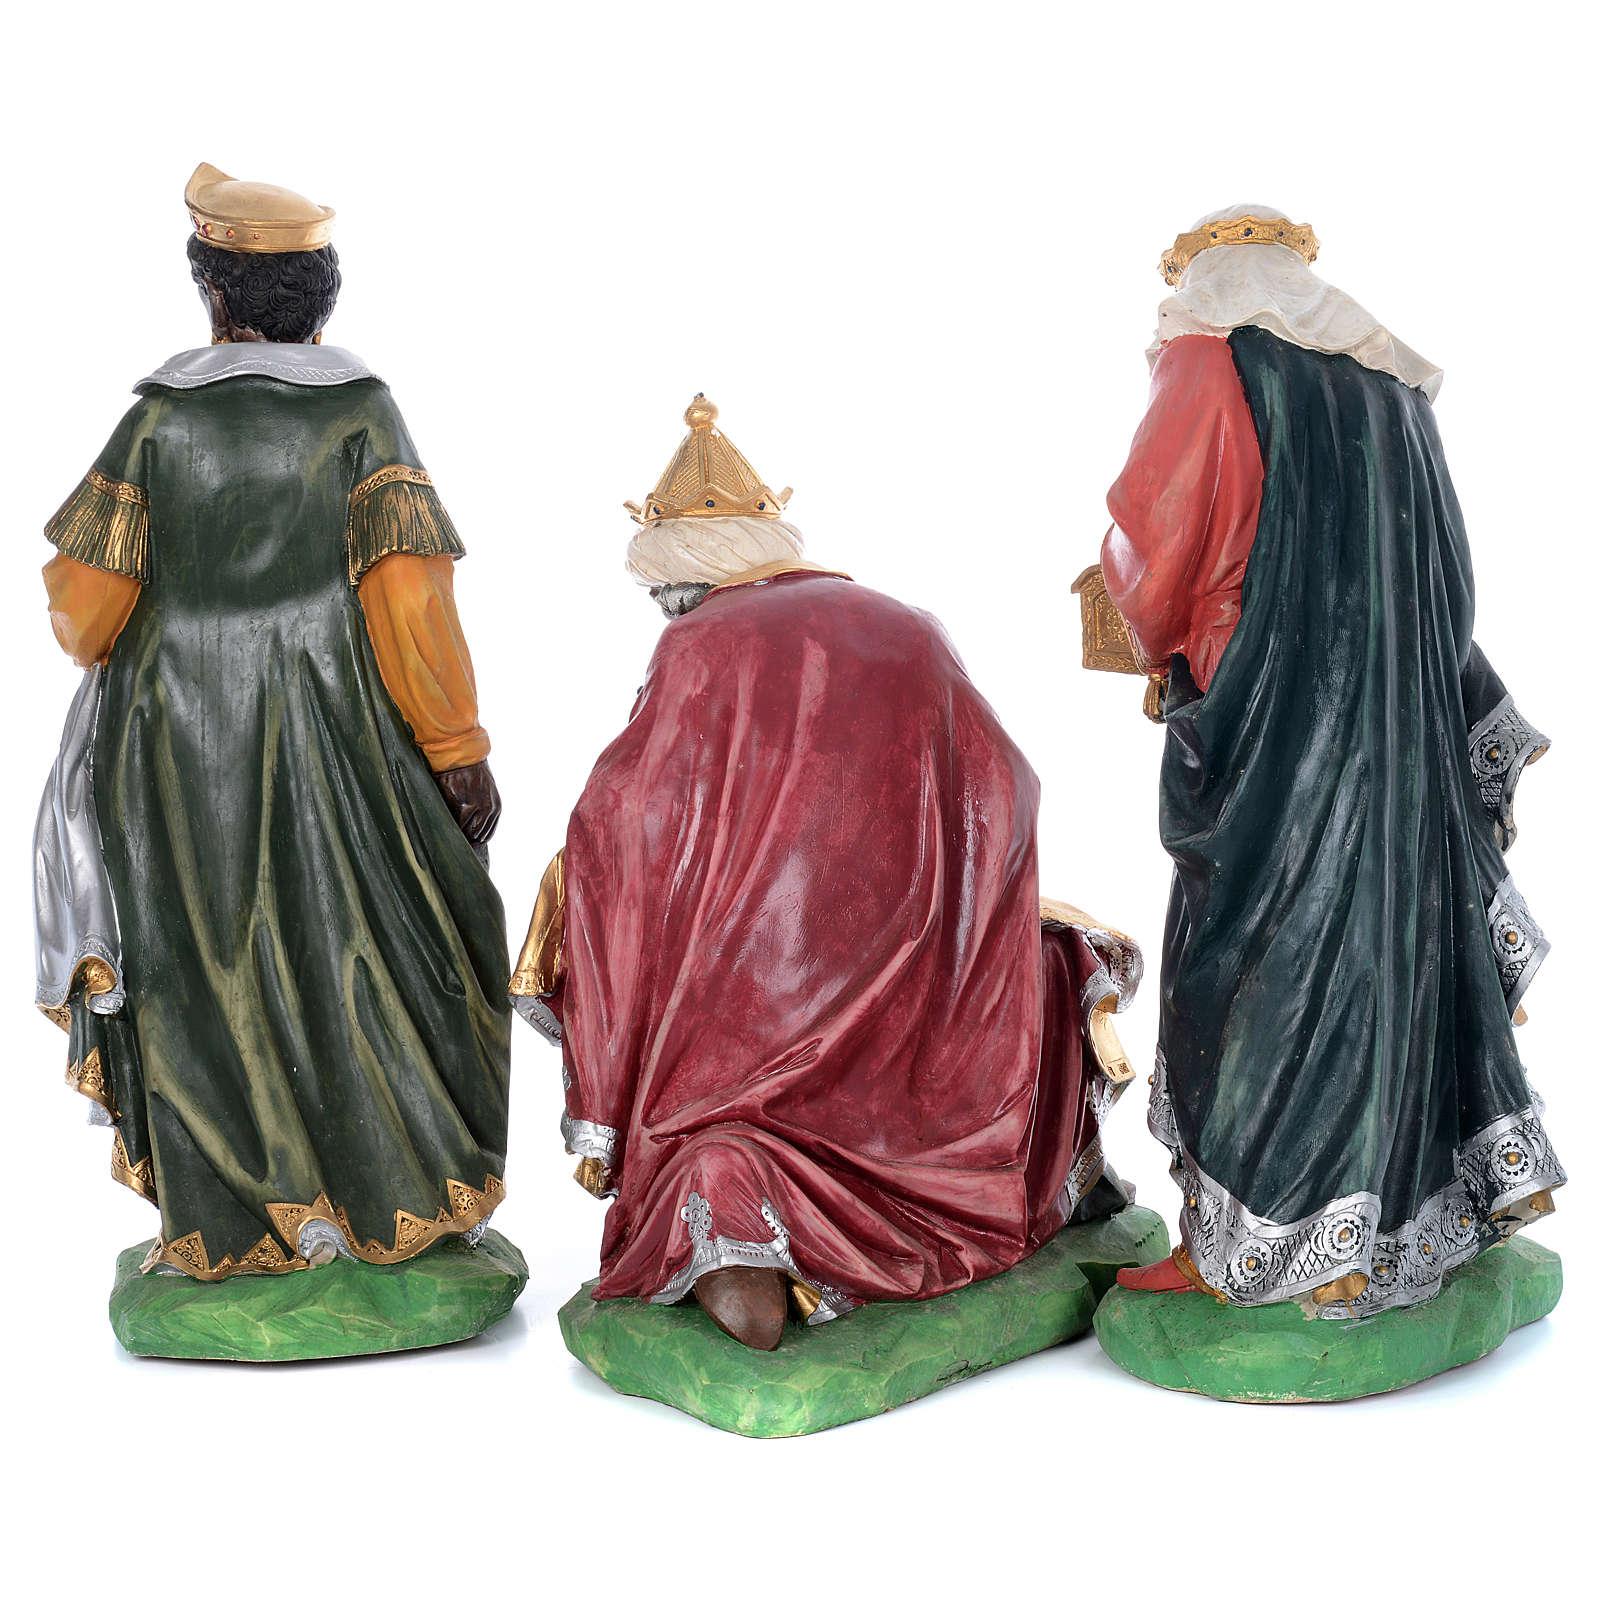 Presepe 9 statue cm 95 in vetroresina dipinta 4